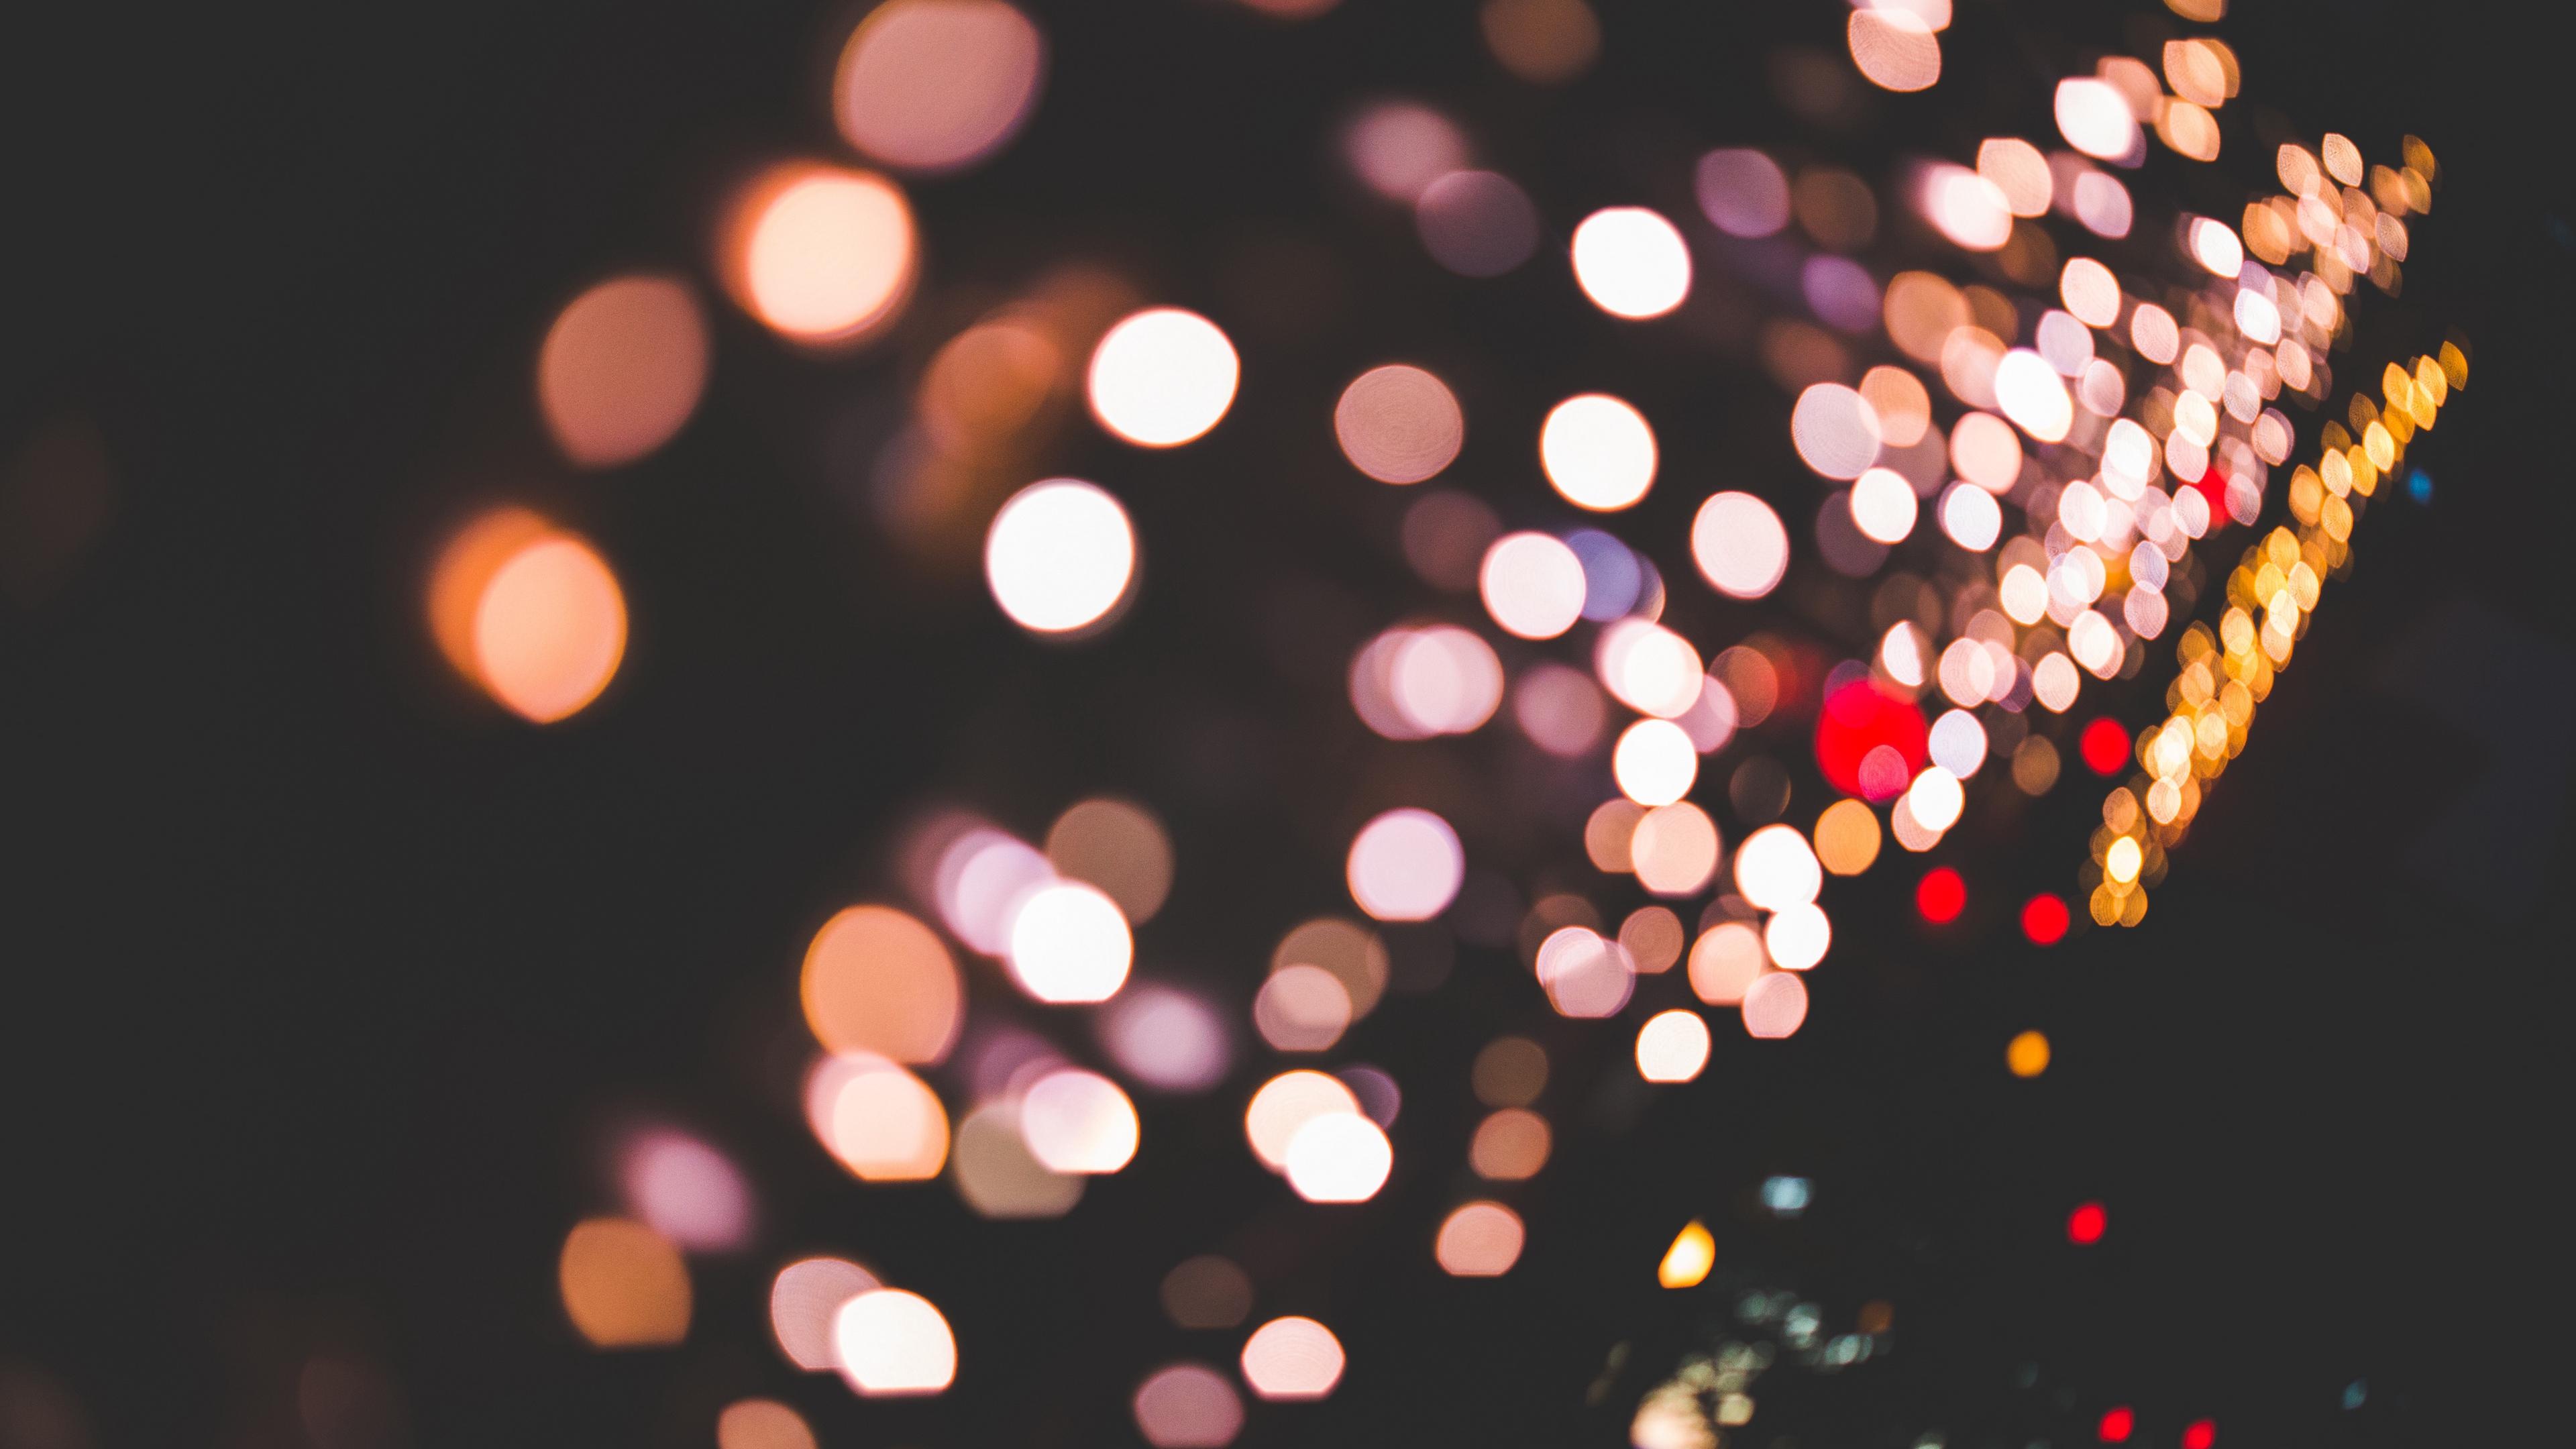 highlights circles shine 4k 1539369396 - highlights, circles, shine 4k - Shine, highlights, Circles